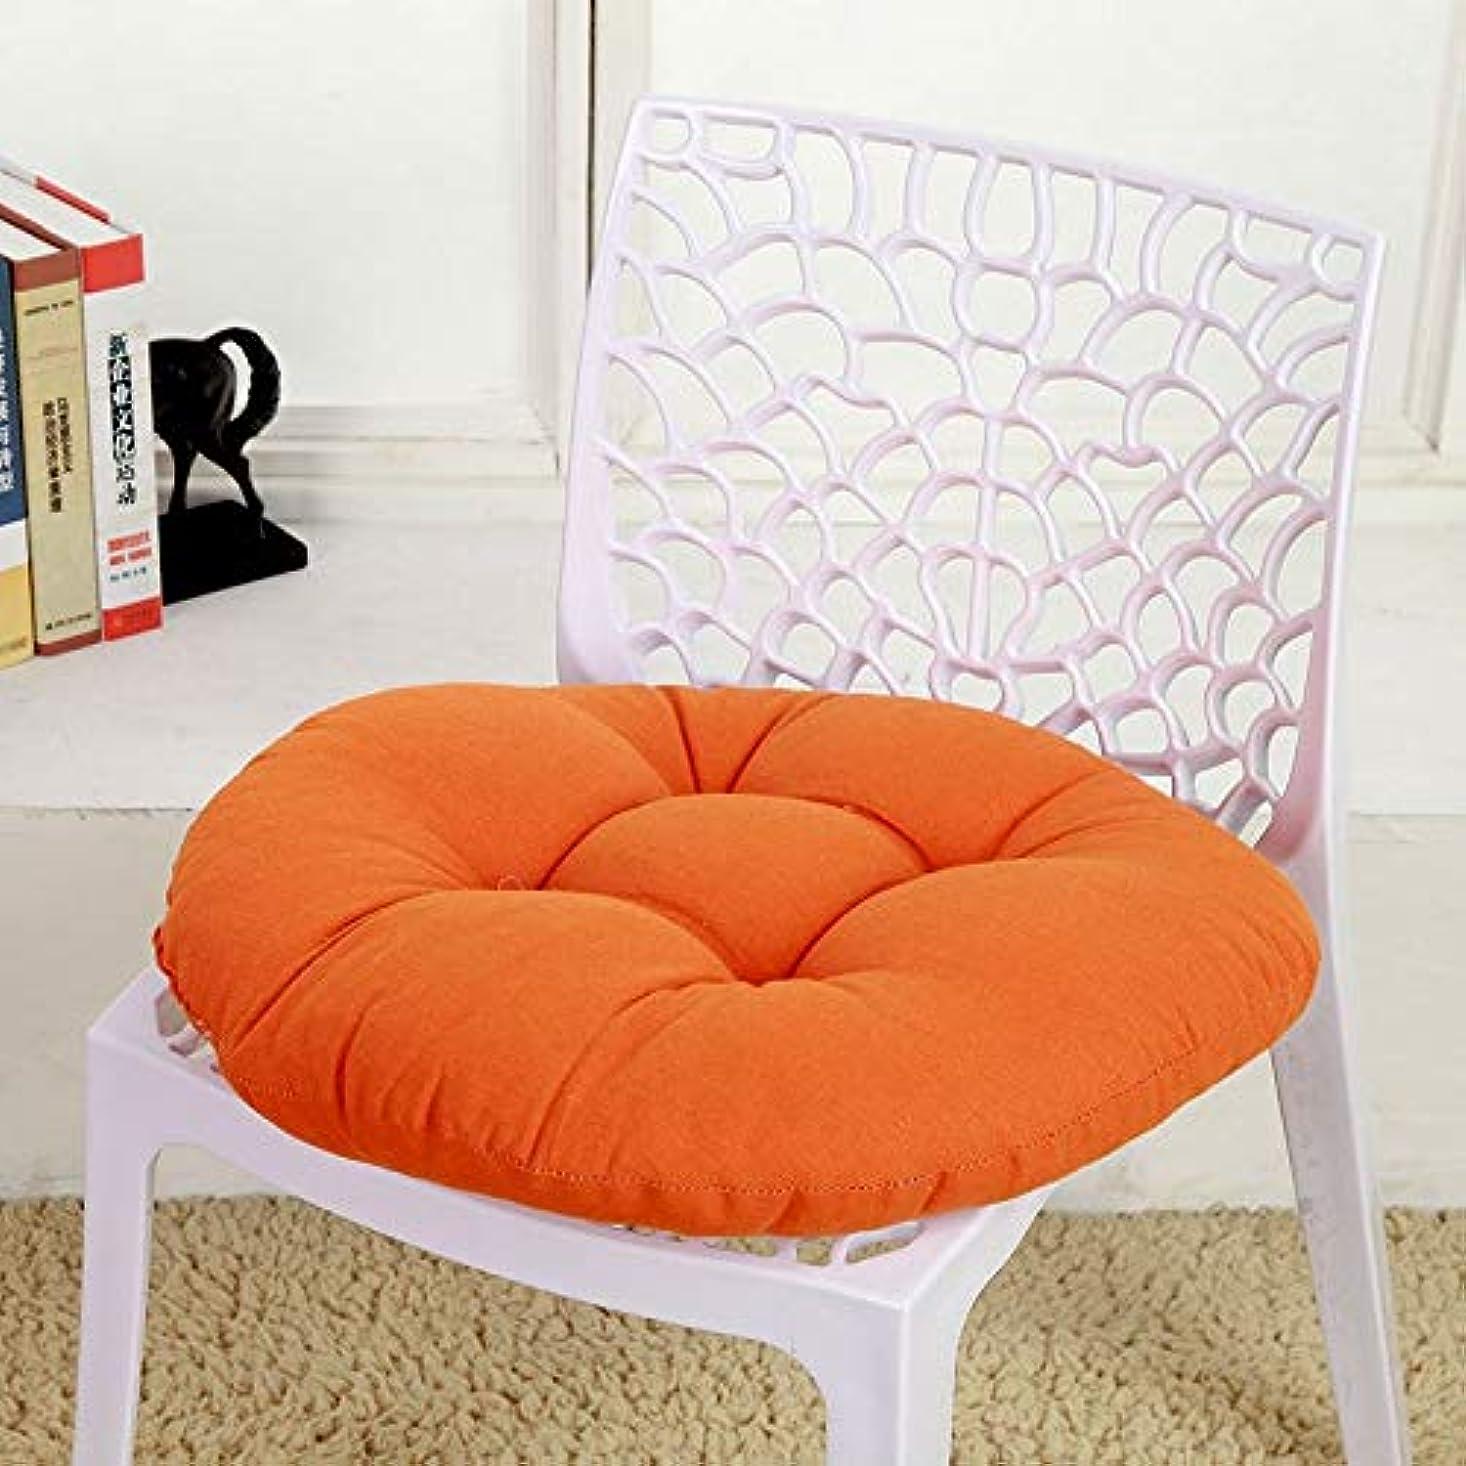 ソース無意識と遊ぶSMART キャンディカラーのクッションラウンドシートクッション波ウィンドウシートクッションクッション家の装飾パッドラウンド枕シート枕椅子座る枕 クッション 椅子